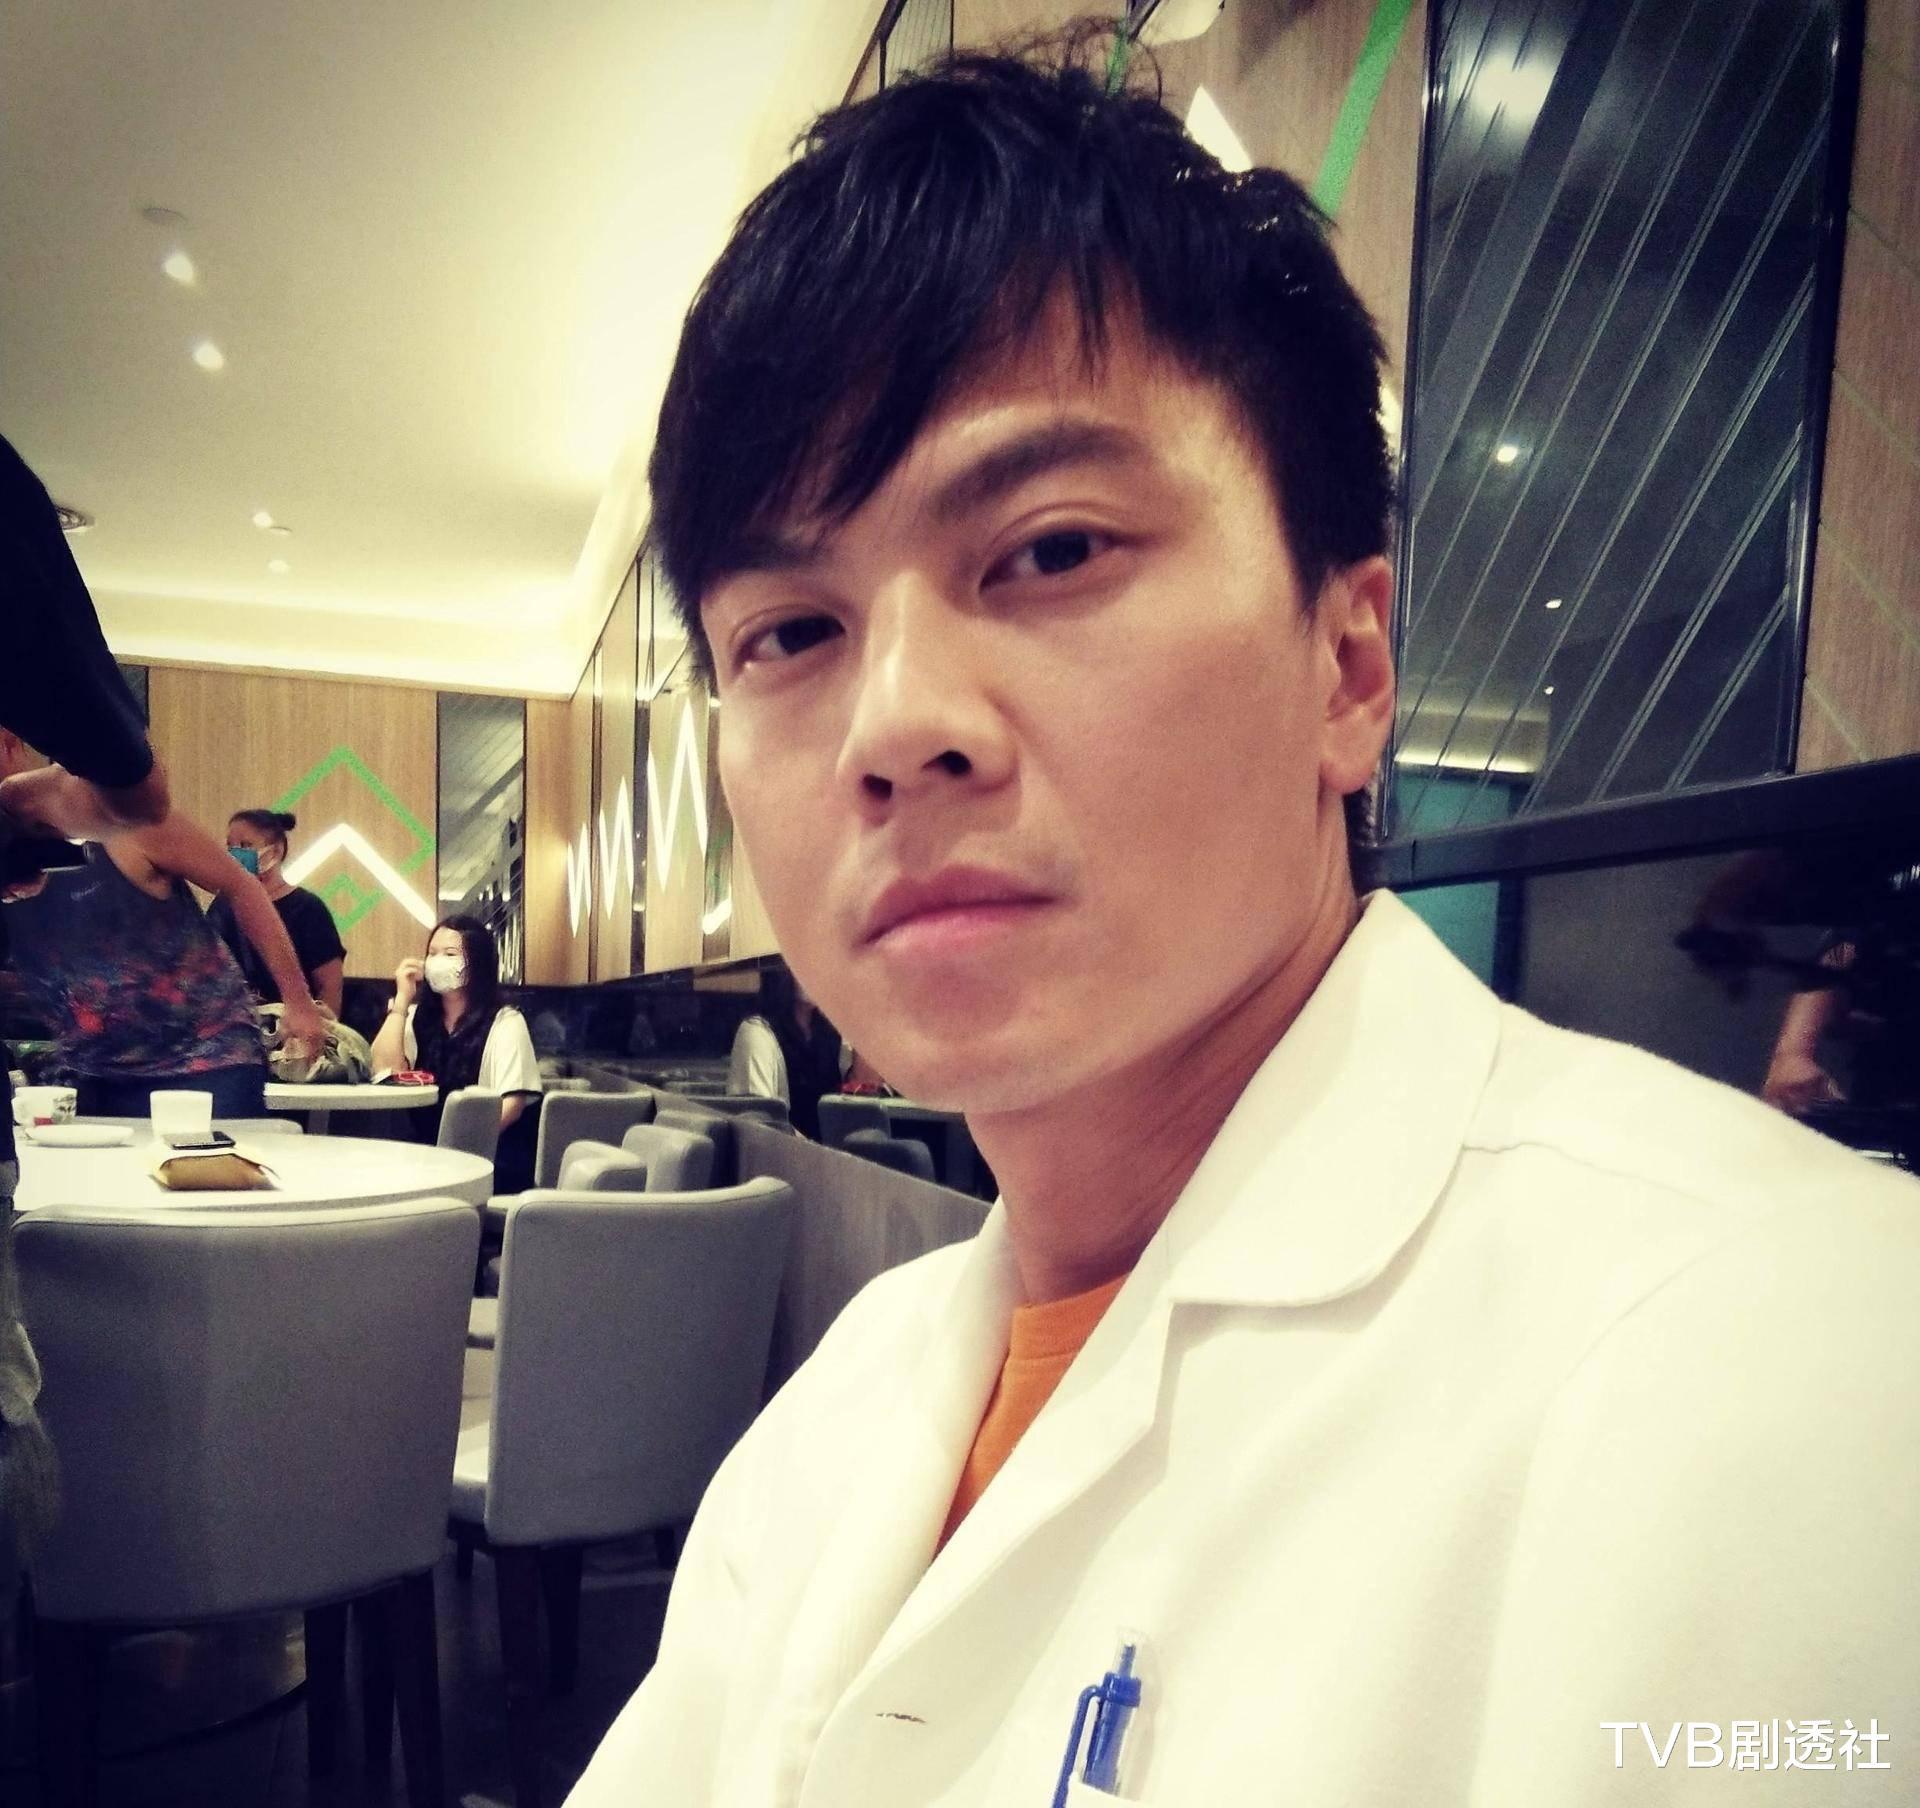 辛酸!TVB綠葉莫傢淦、陳國峰到工地兼職養傢,工作一天賺900元-圖4